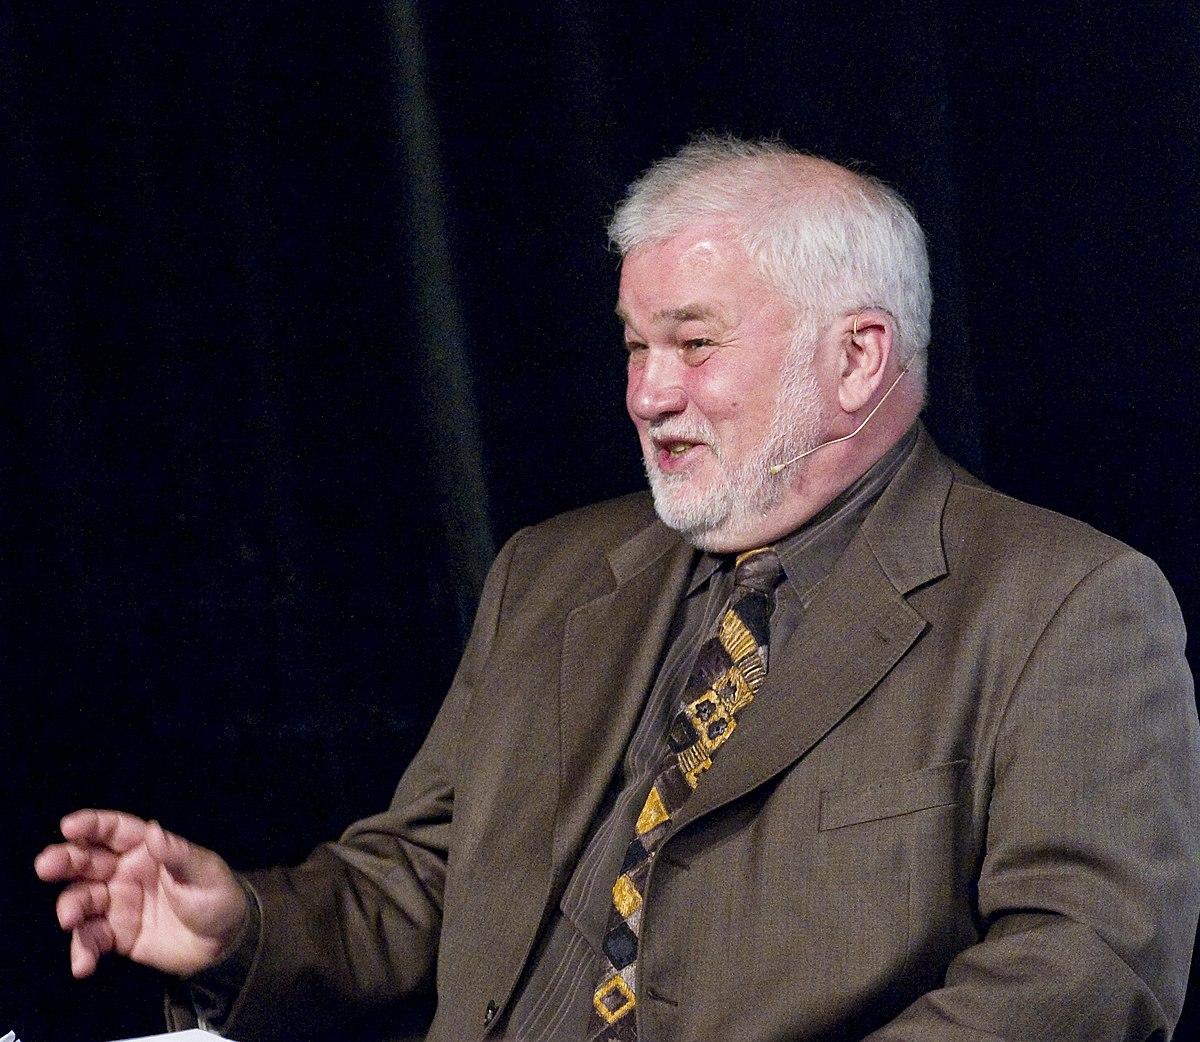 Jurgen Kocka Wikipedia